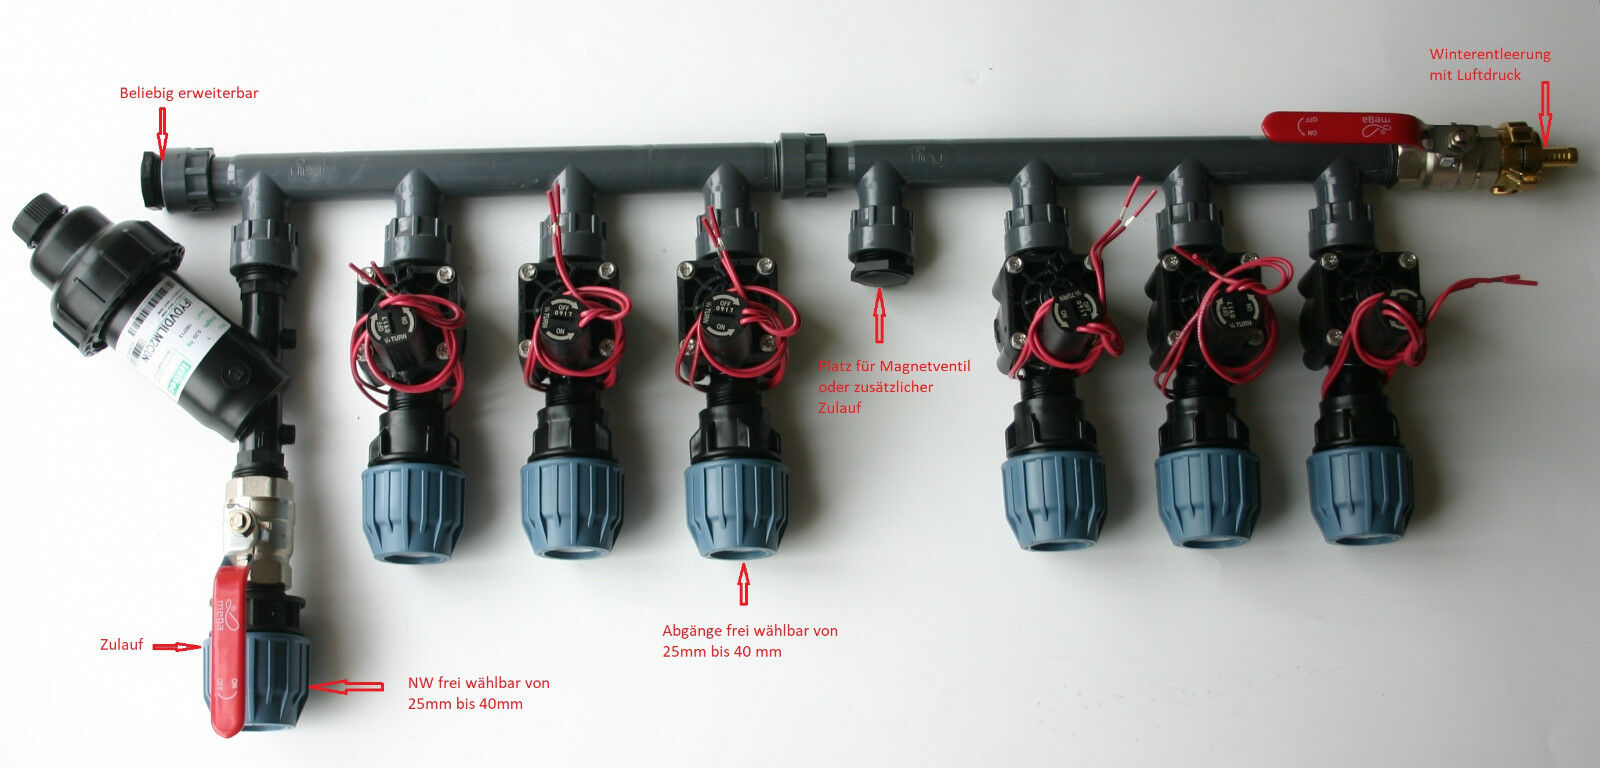 PE Rohr Kopfstation Grüneiler Bewässerung 2, 3, 4, 6 Hunter Magnetventile PGV